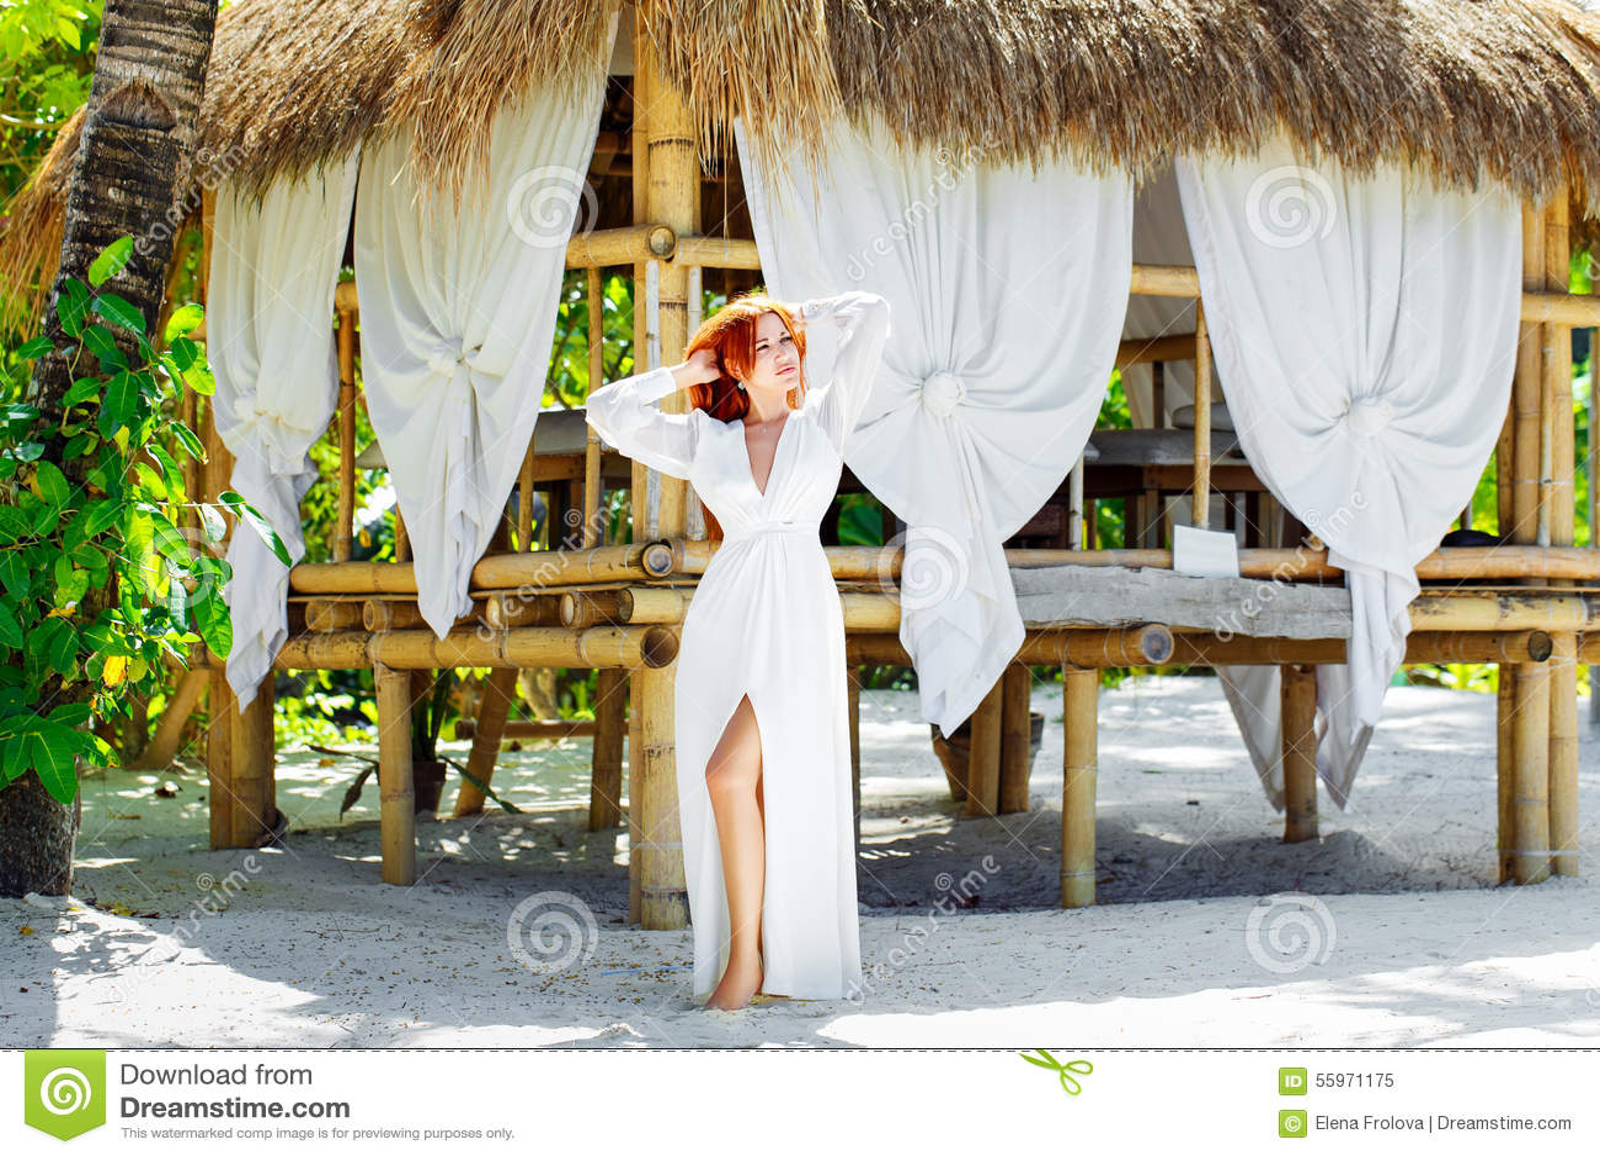 La muchacha hermosa joven en el vestido blanco coloca después una choza de bambú encendido